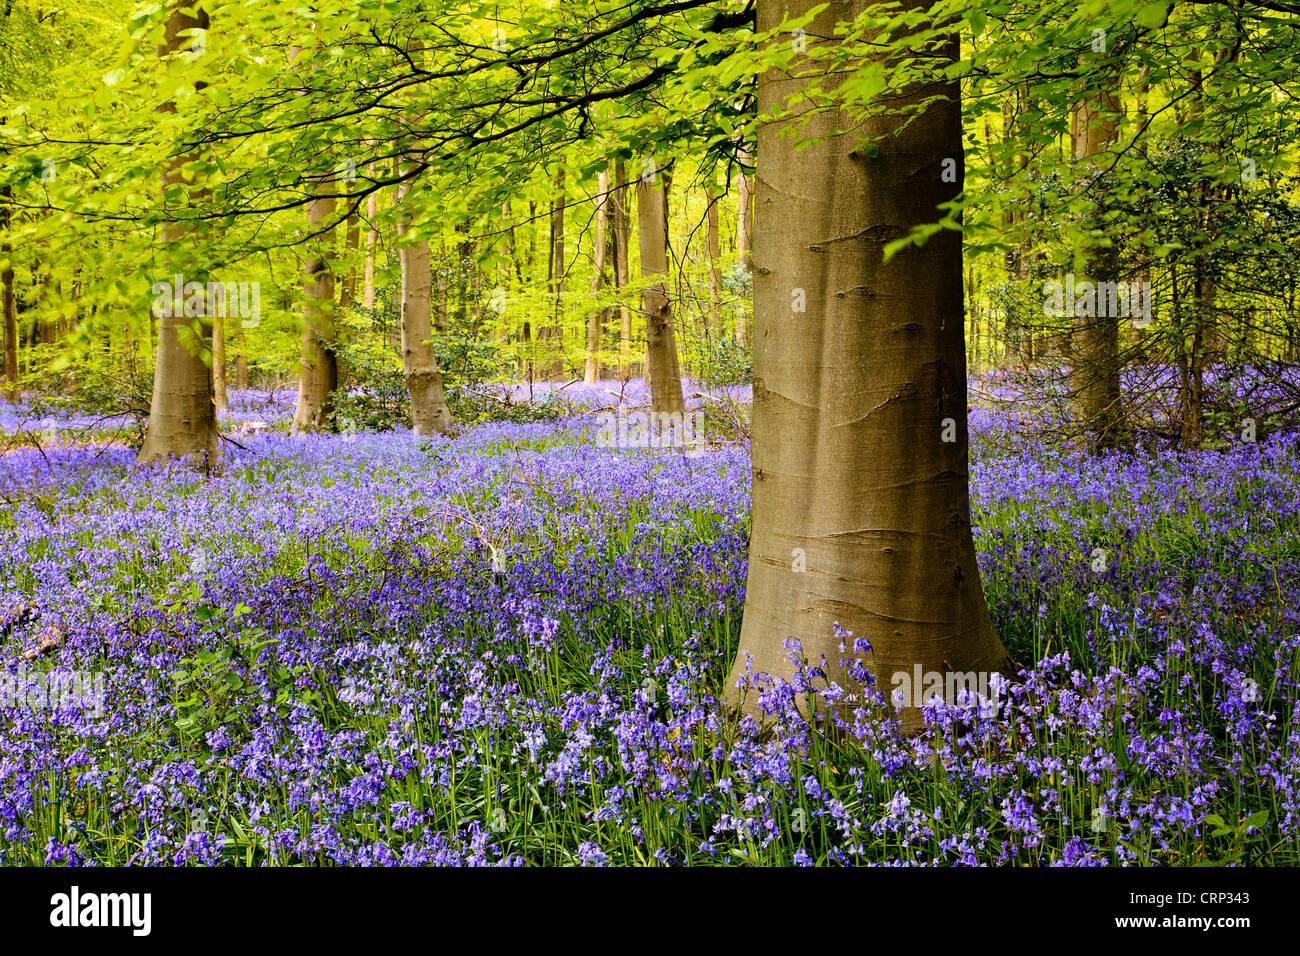 Ein Teppich aus Glockenblumen in West-Wald in der Nähe von Marlborough. Stockbild